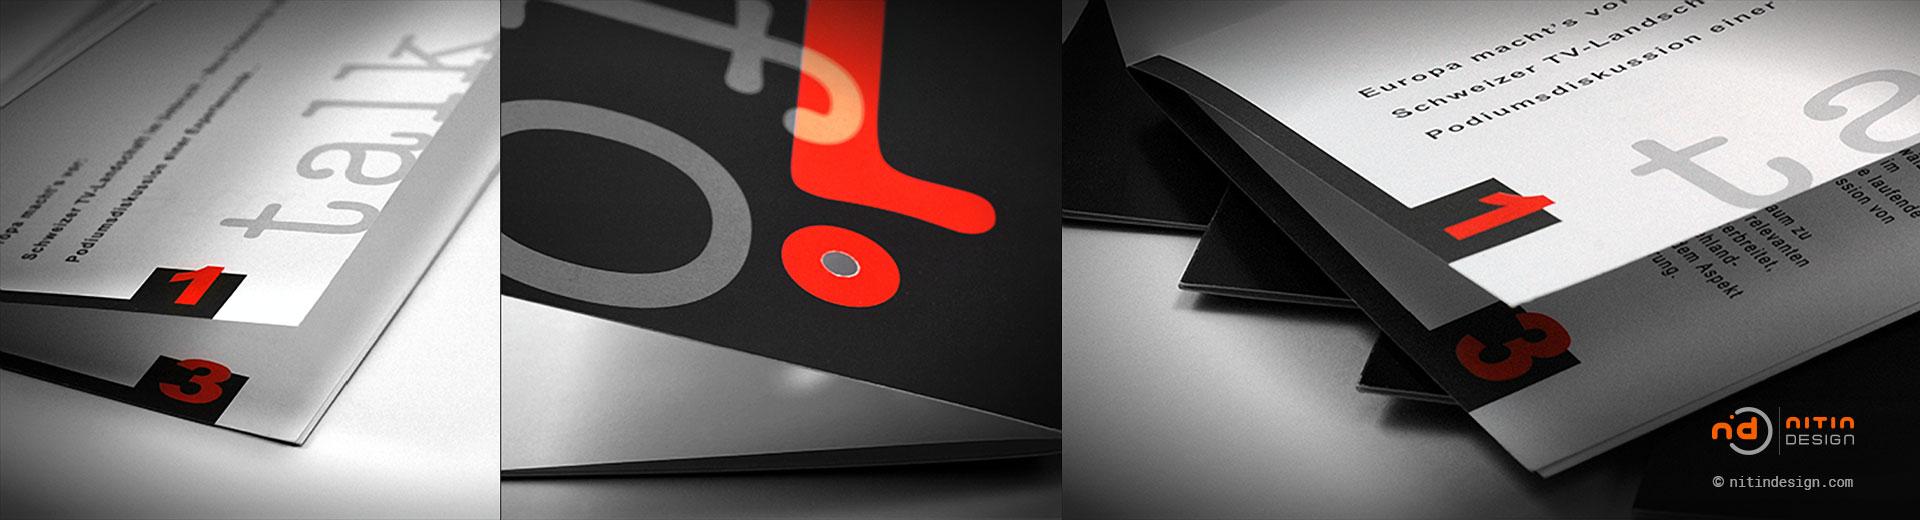 Unimark-Nitin-Design